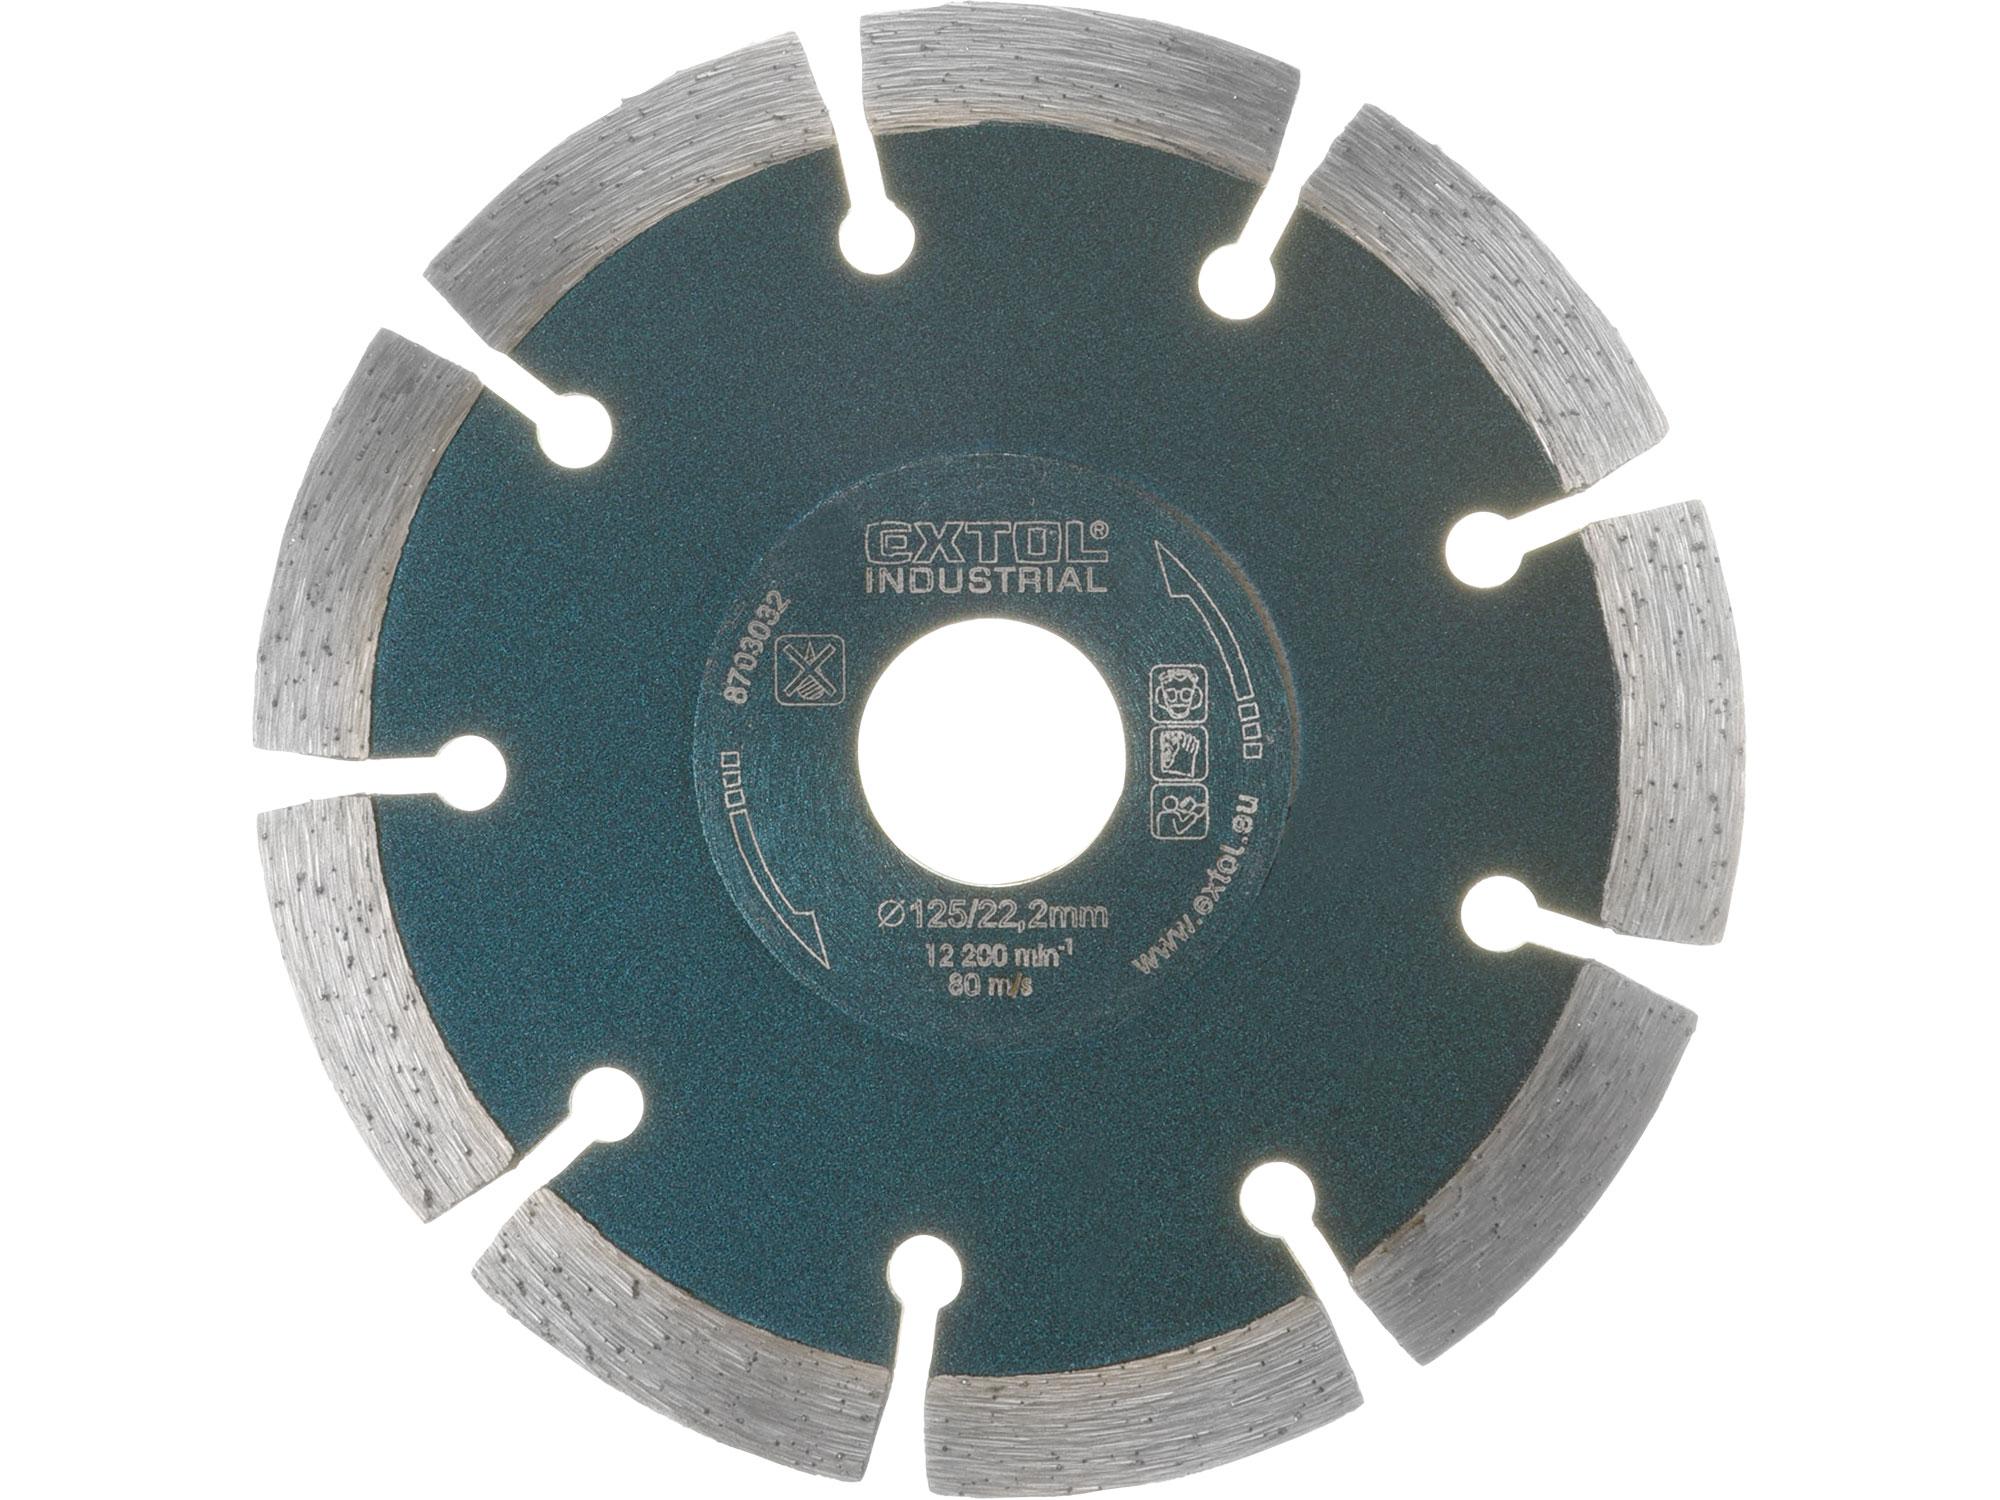 125mm Diamond Cutting Blade Segmental Grab Cut, 125mm OD, 22.5mm ID, 2mm thk